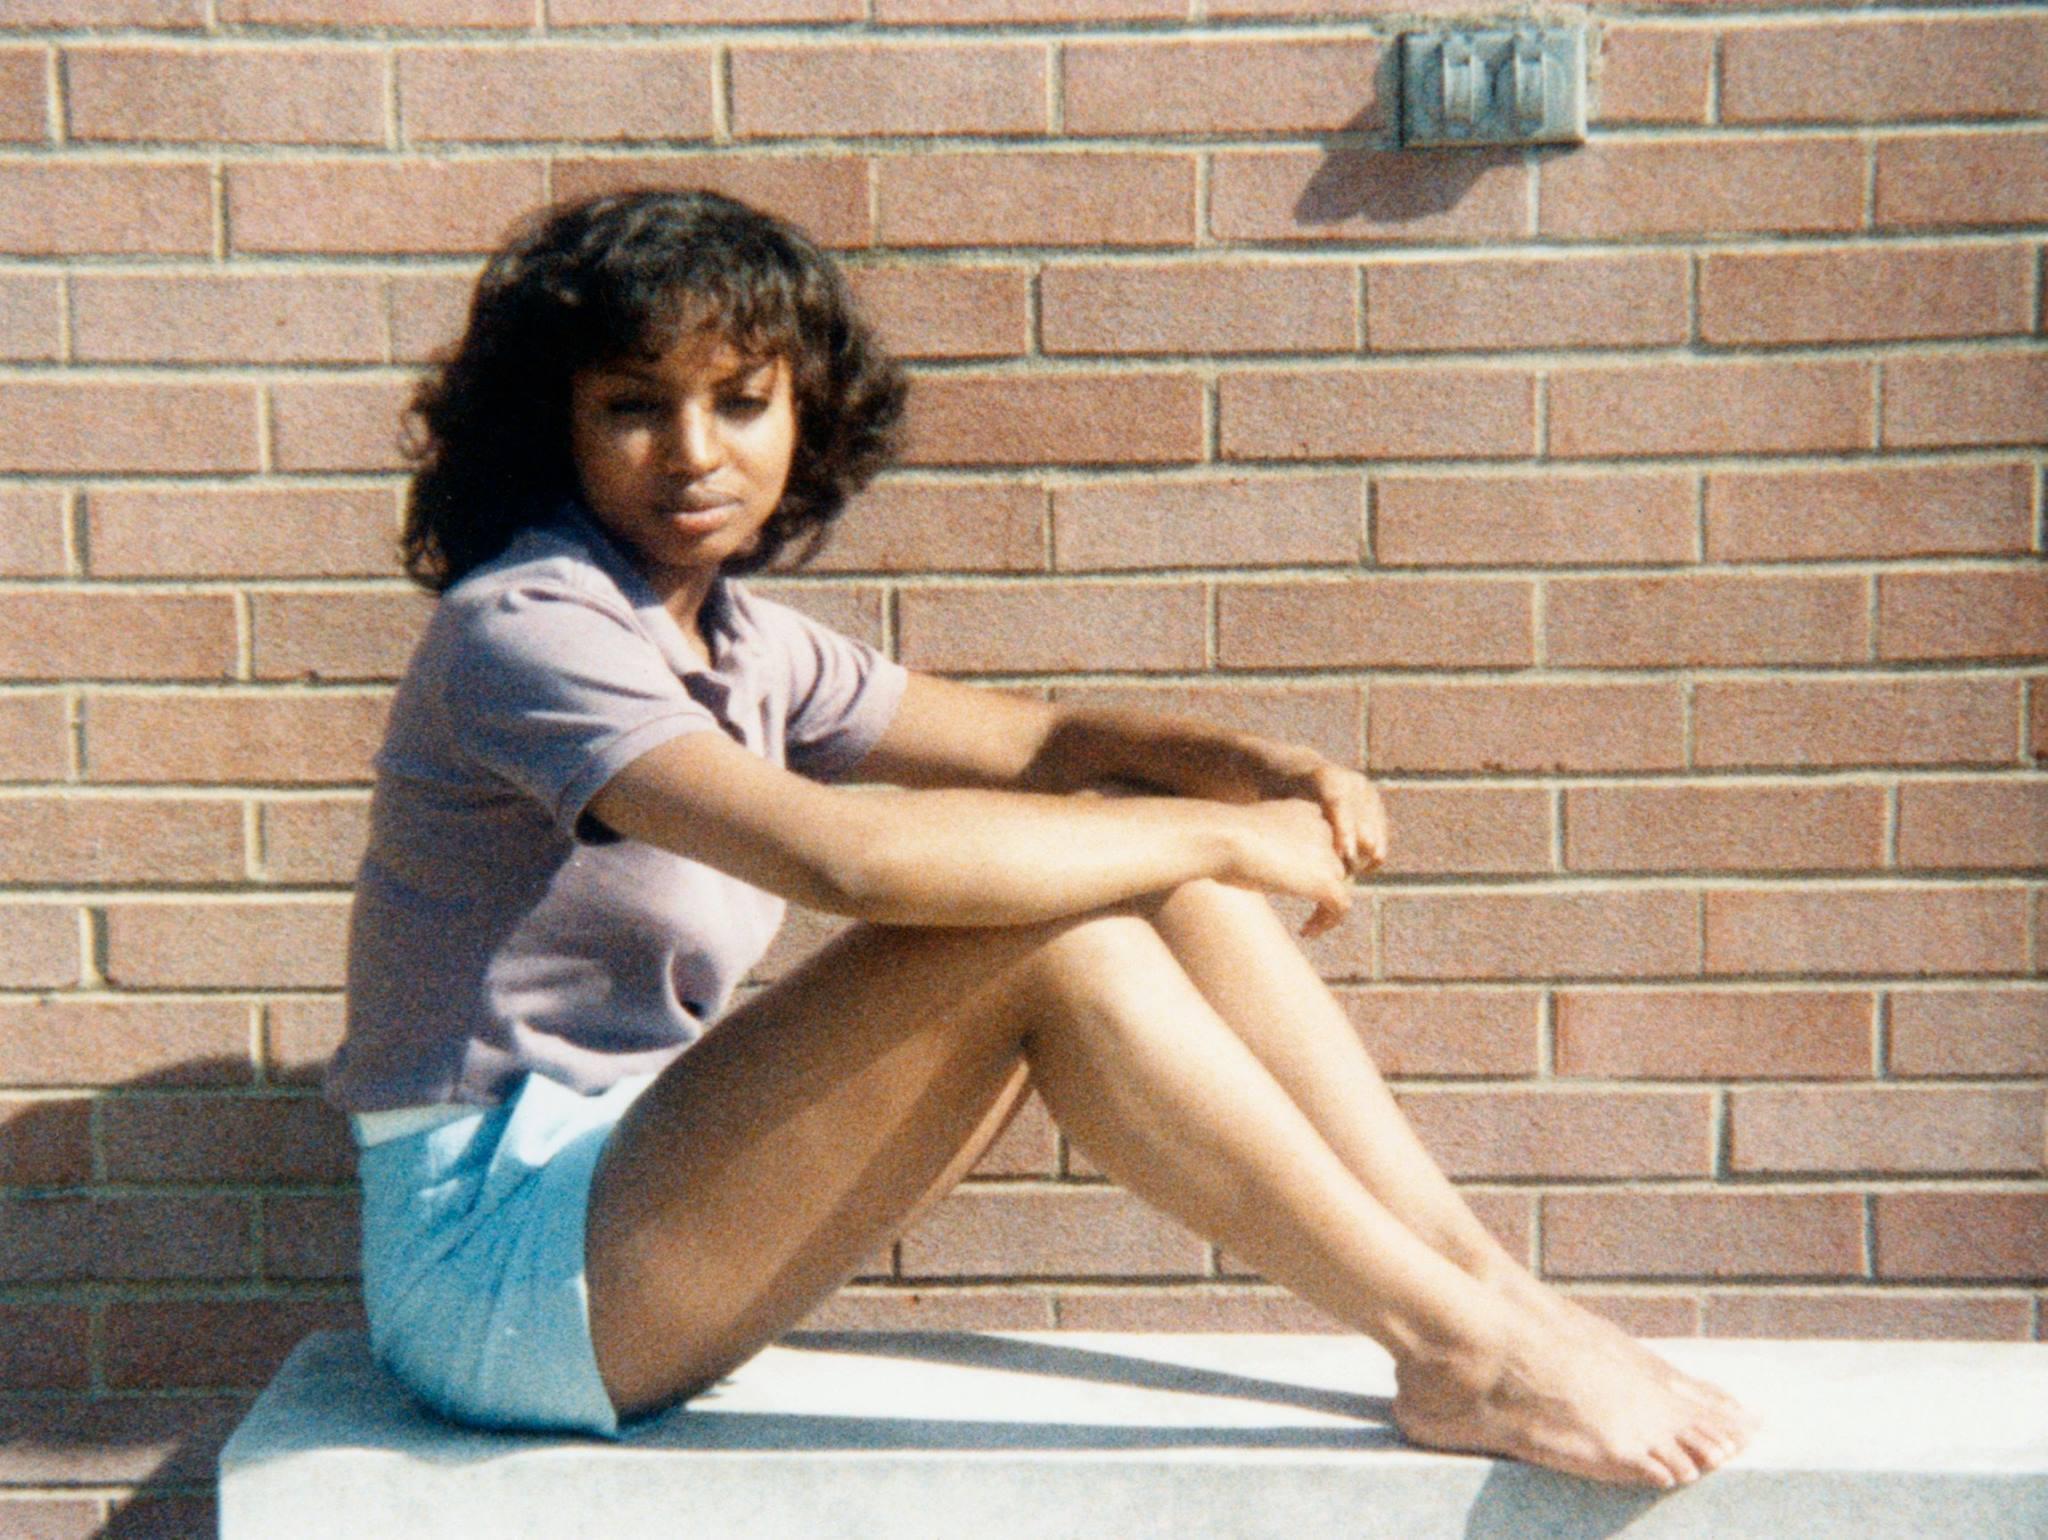 Lynn Toler's Feet